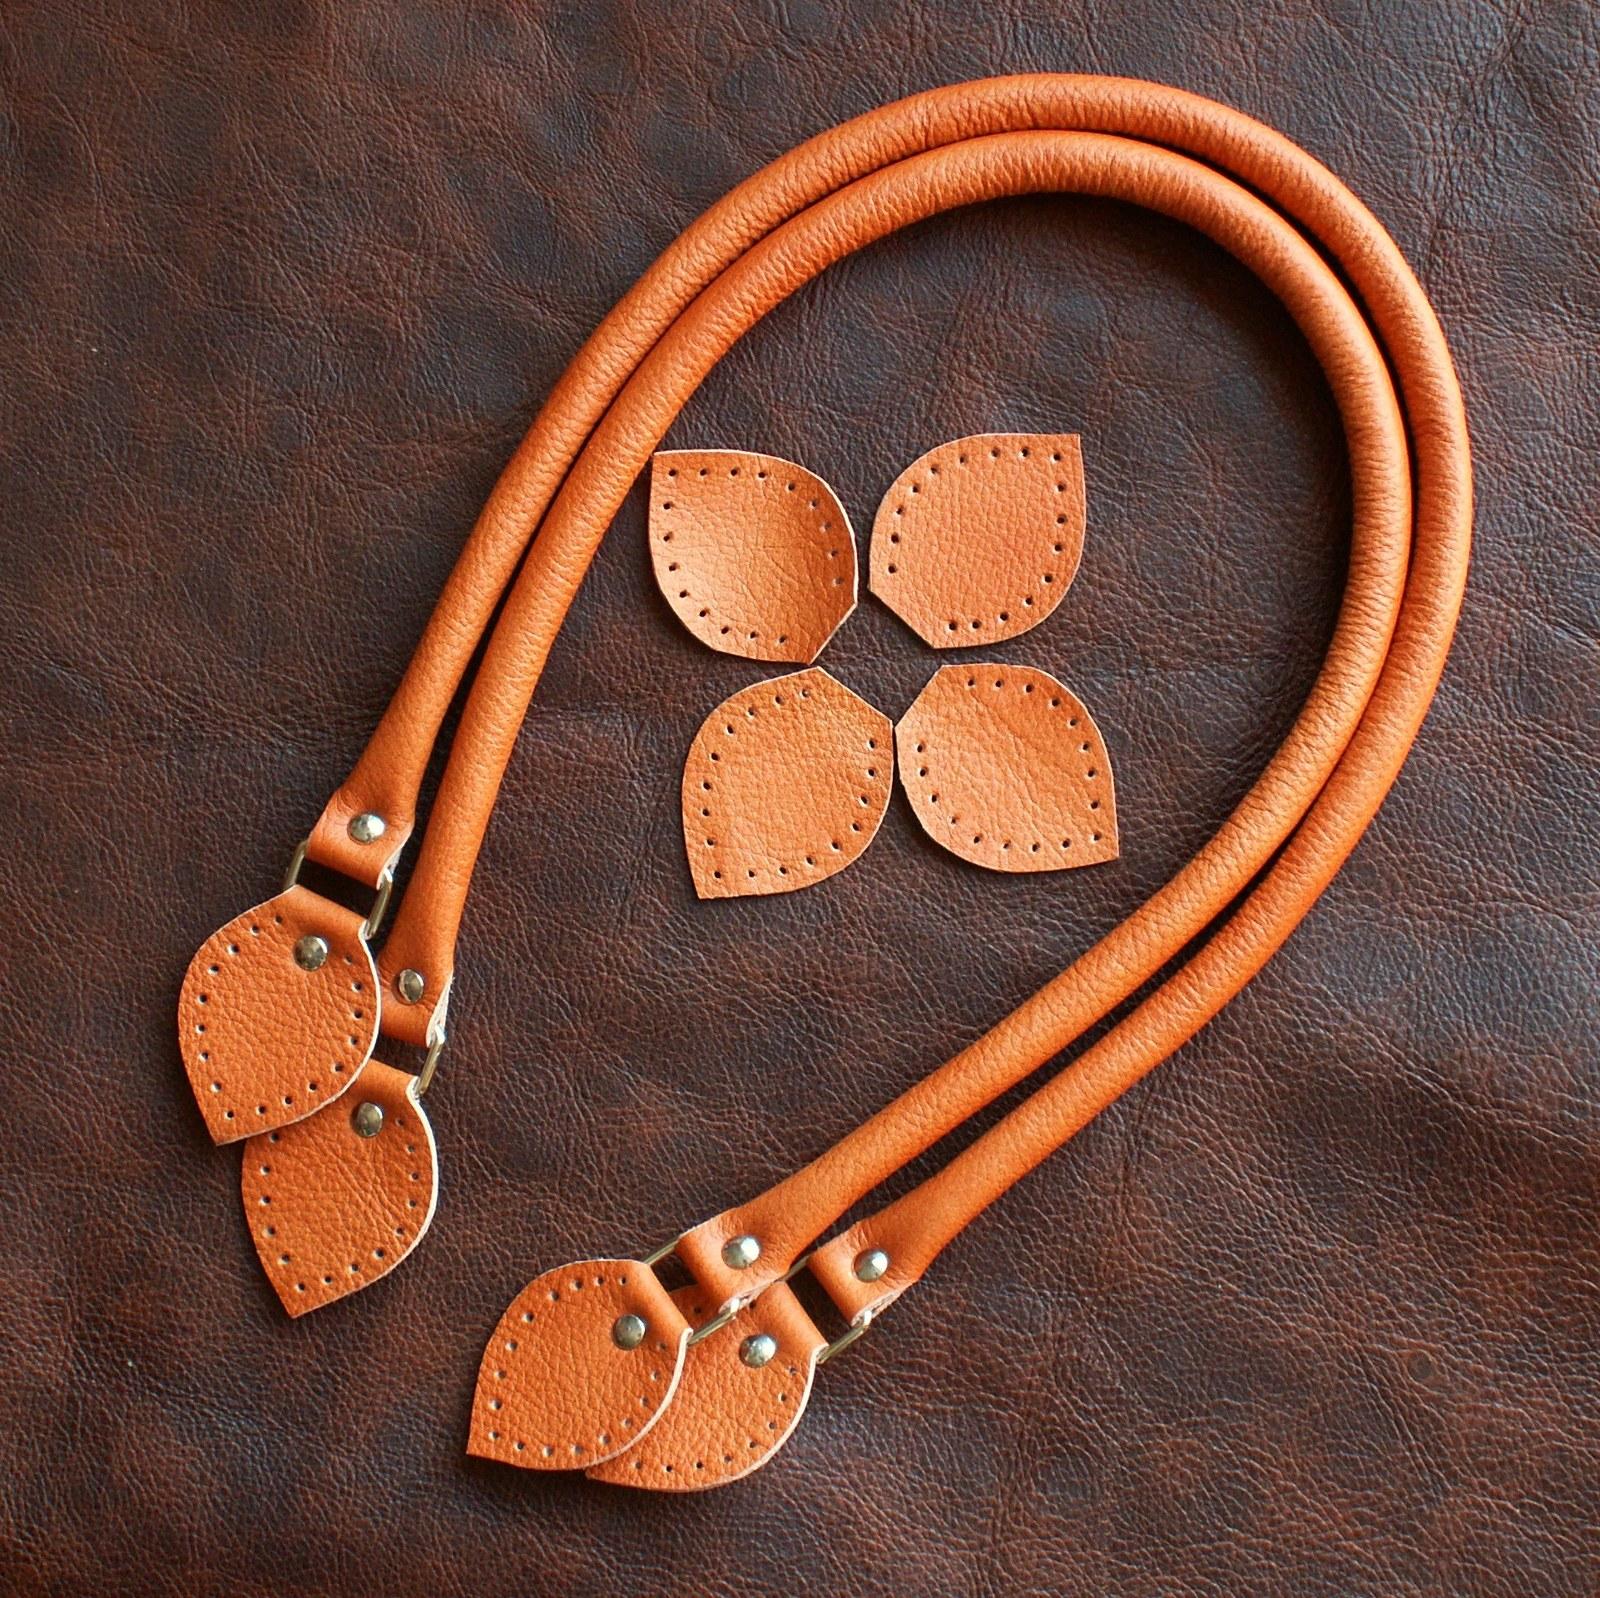 Kožená ucha na kabelku 40 - 42 cm - oranžová   Zboží prodejce Oleg.S ... 79ddc14fd9d